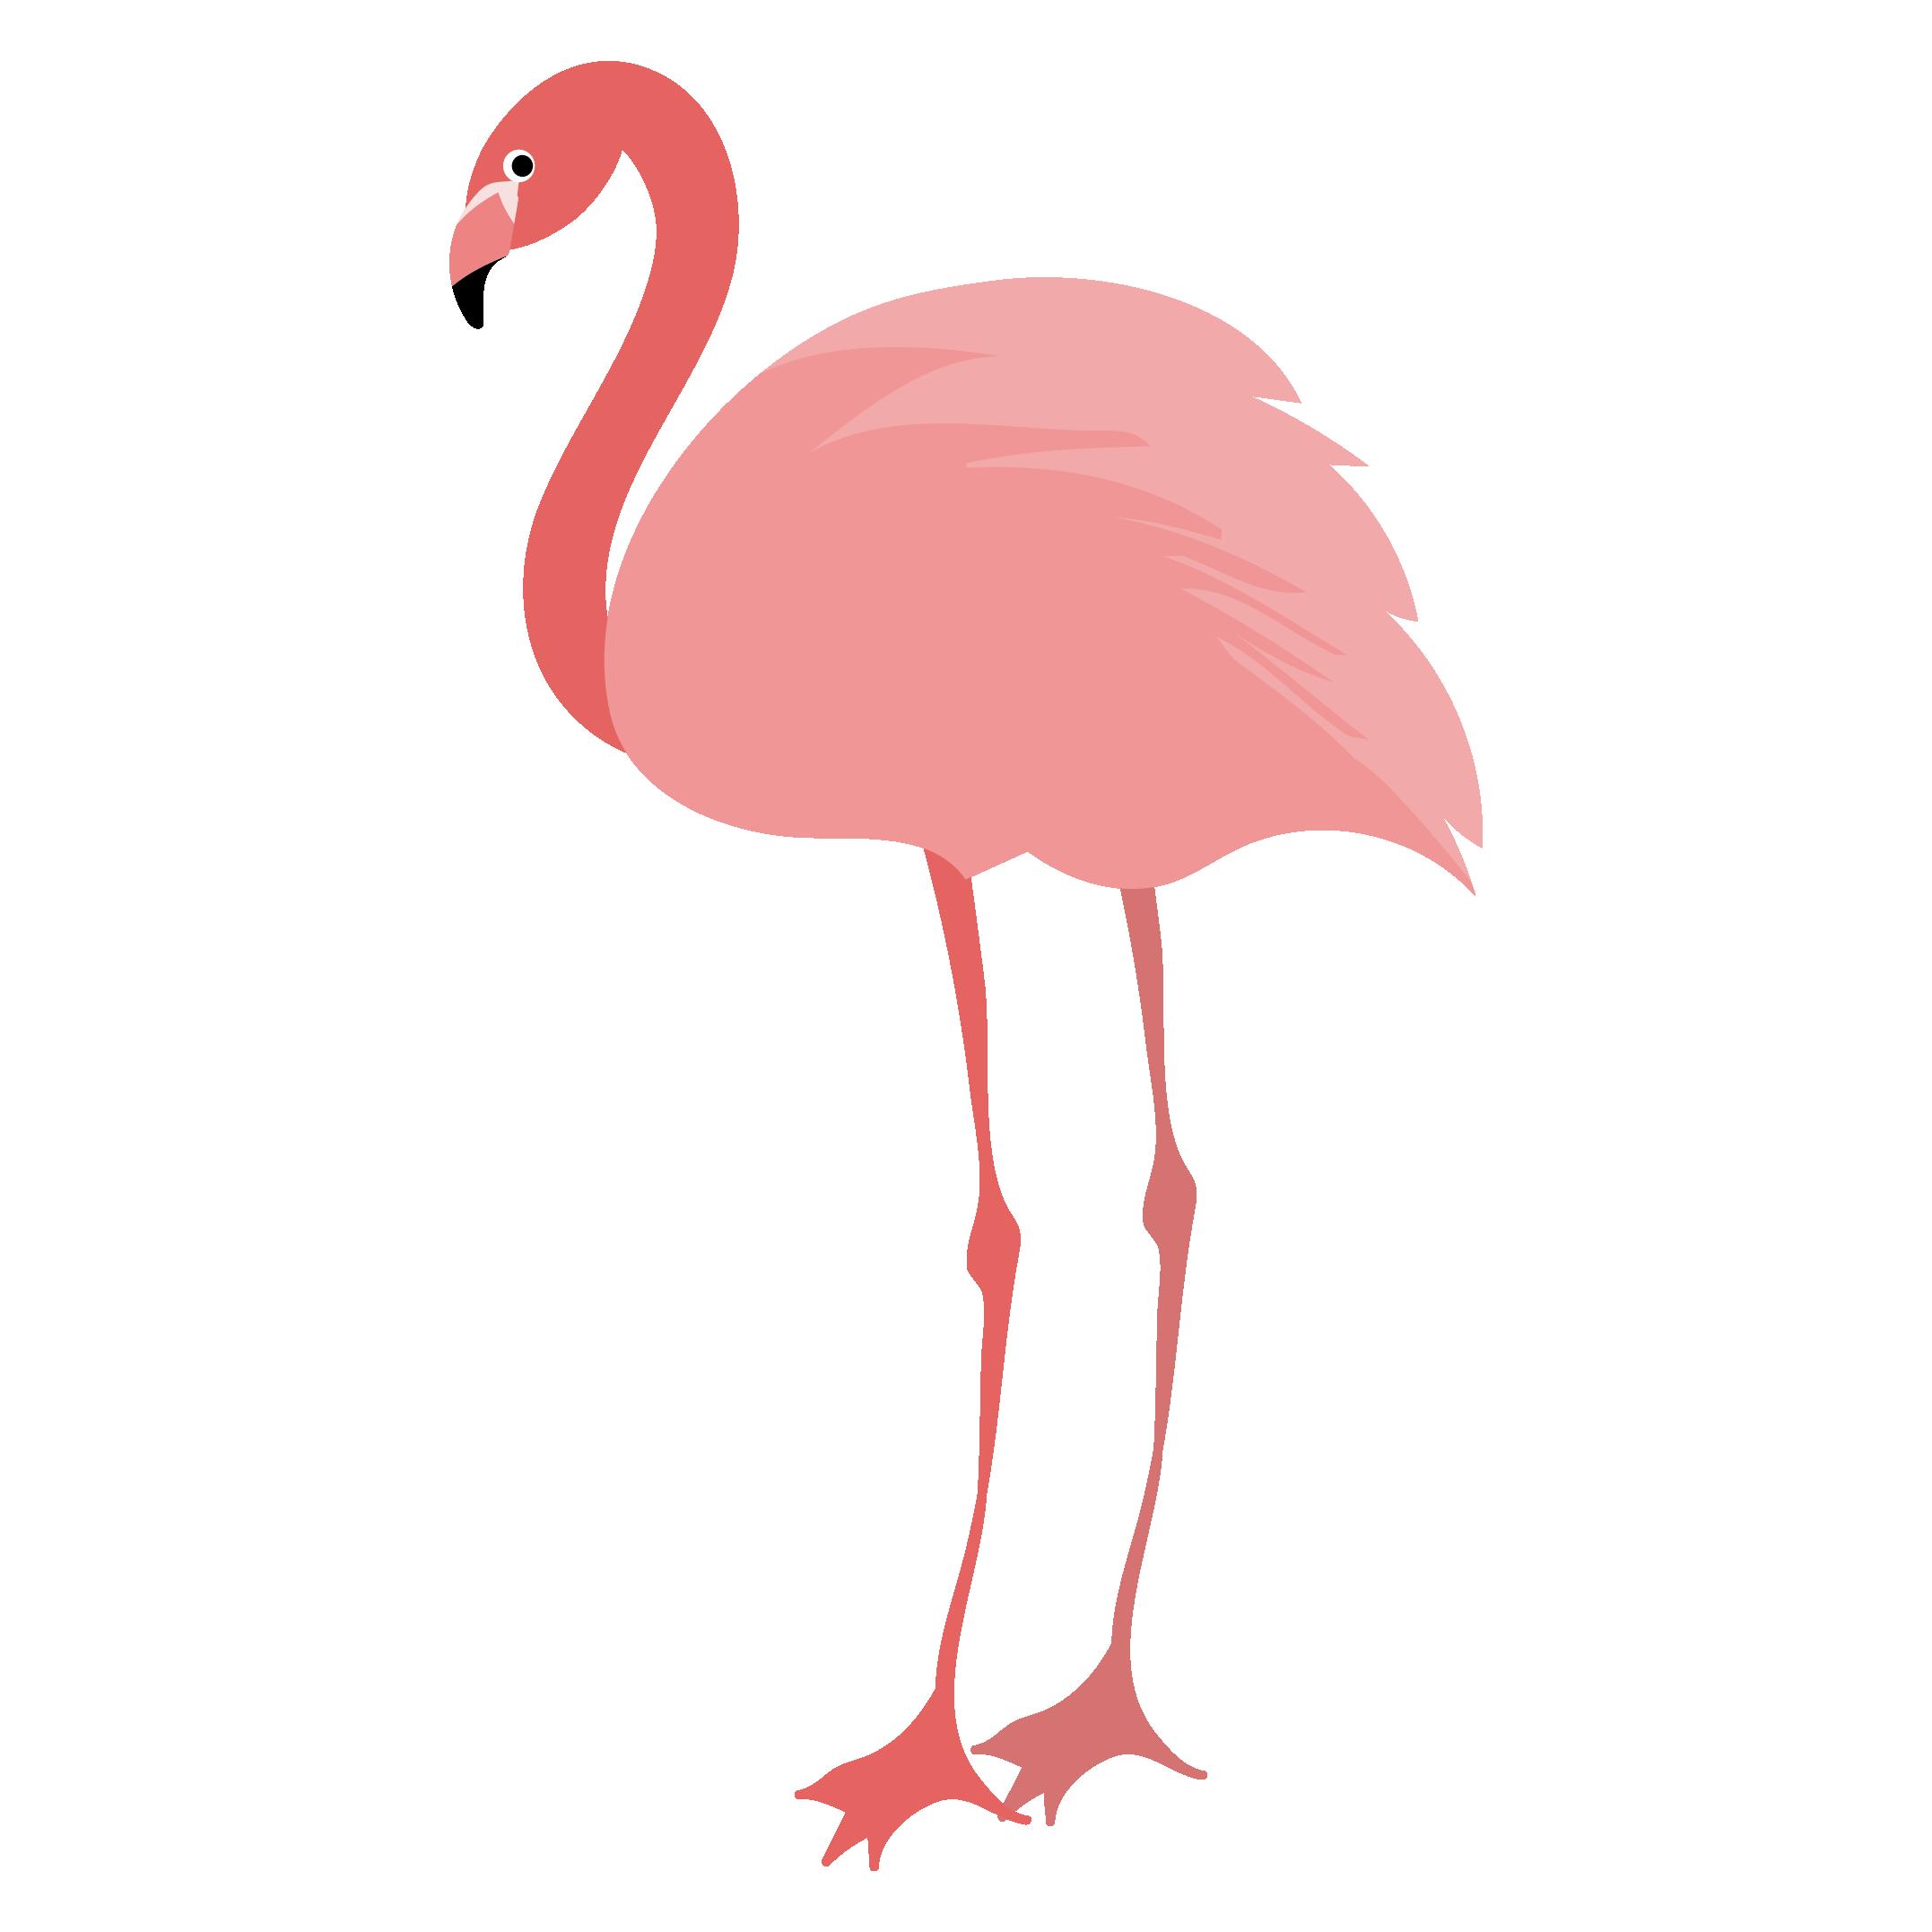 鳥 | 商用フリー(無料)のイラスト素材なら「イラストマンション」